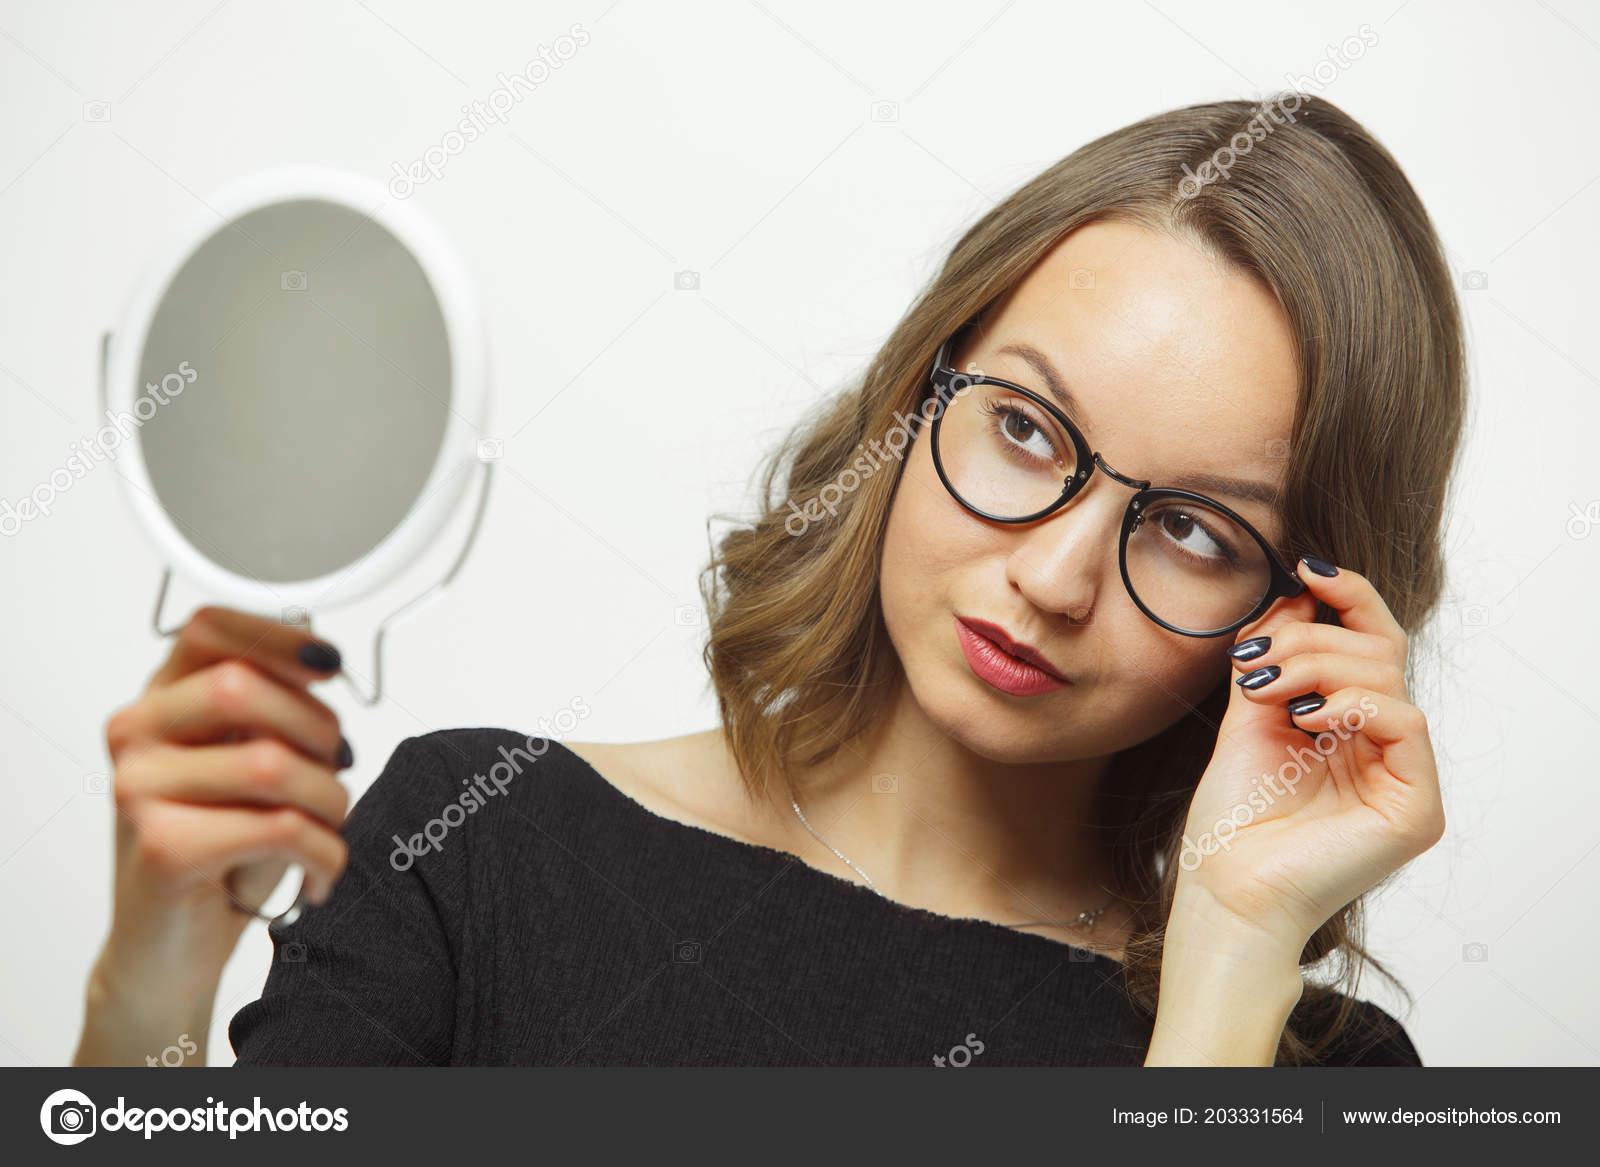 42682b0a638b1 Elegante mulher experimentando óculos com espelho em mãos em fundo branco  isolado — Fotografia de Stock